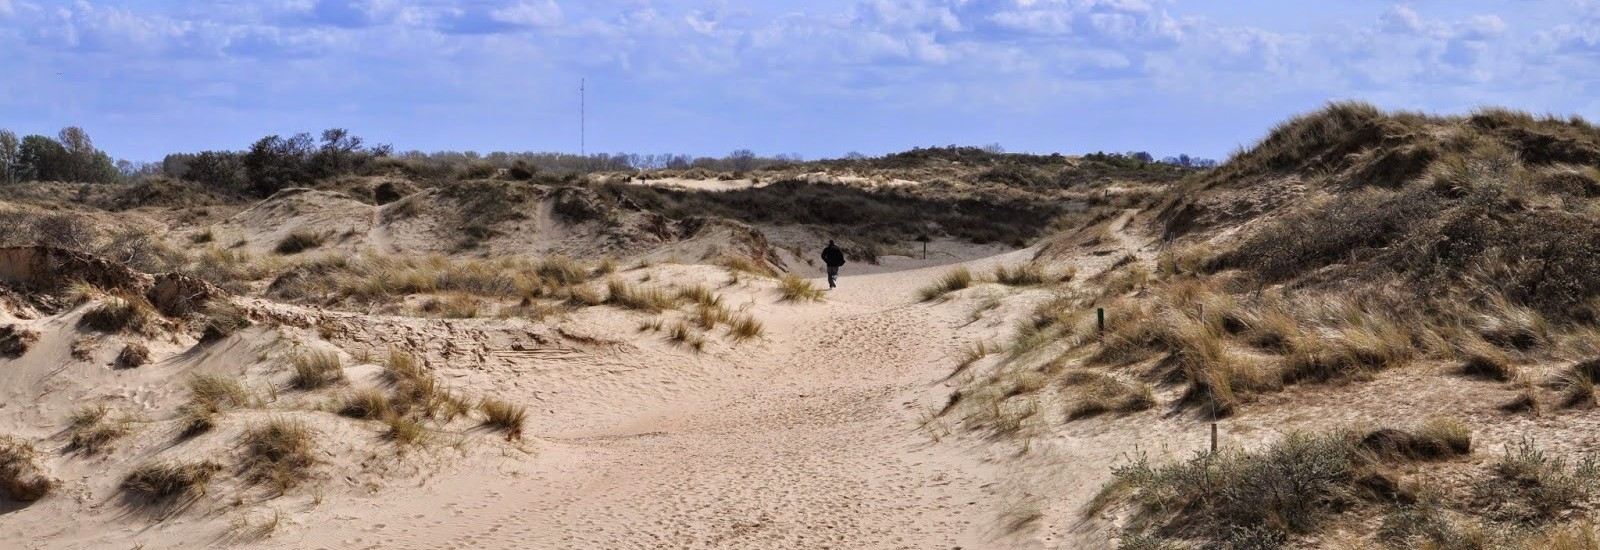 la panne dunes -voyagesremi